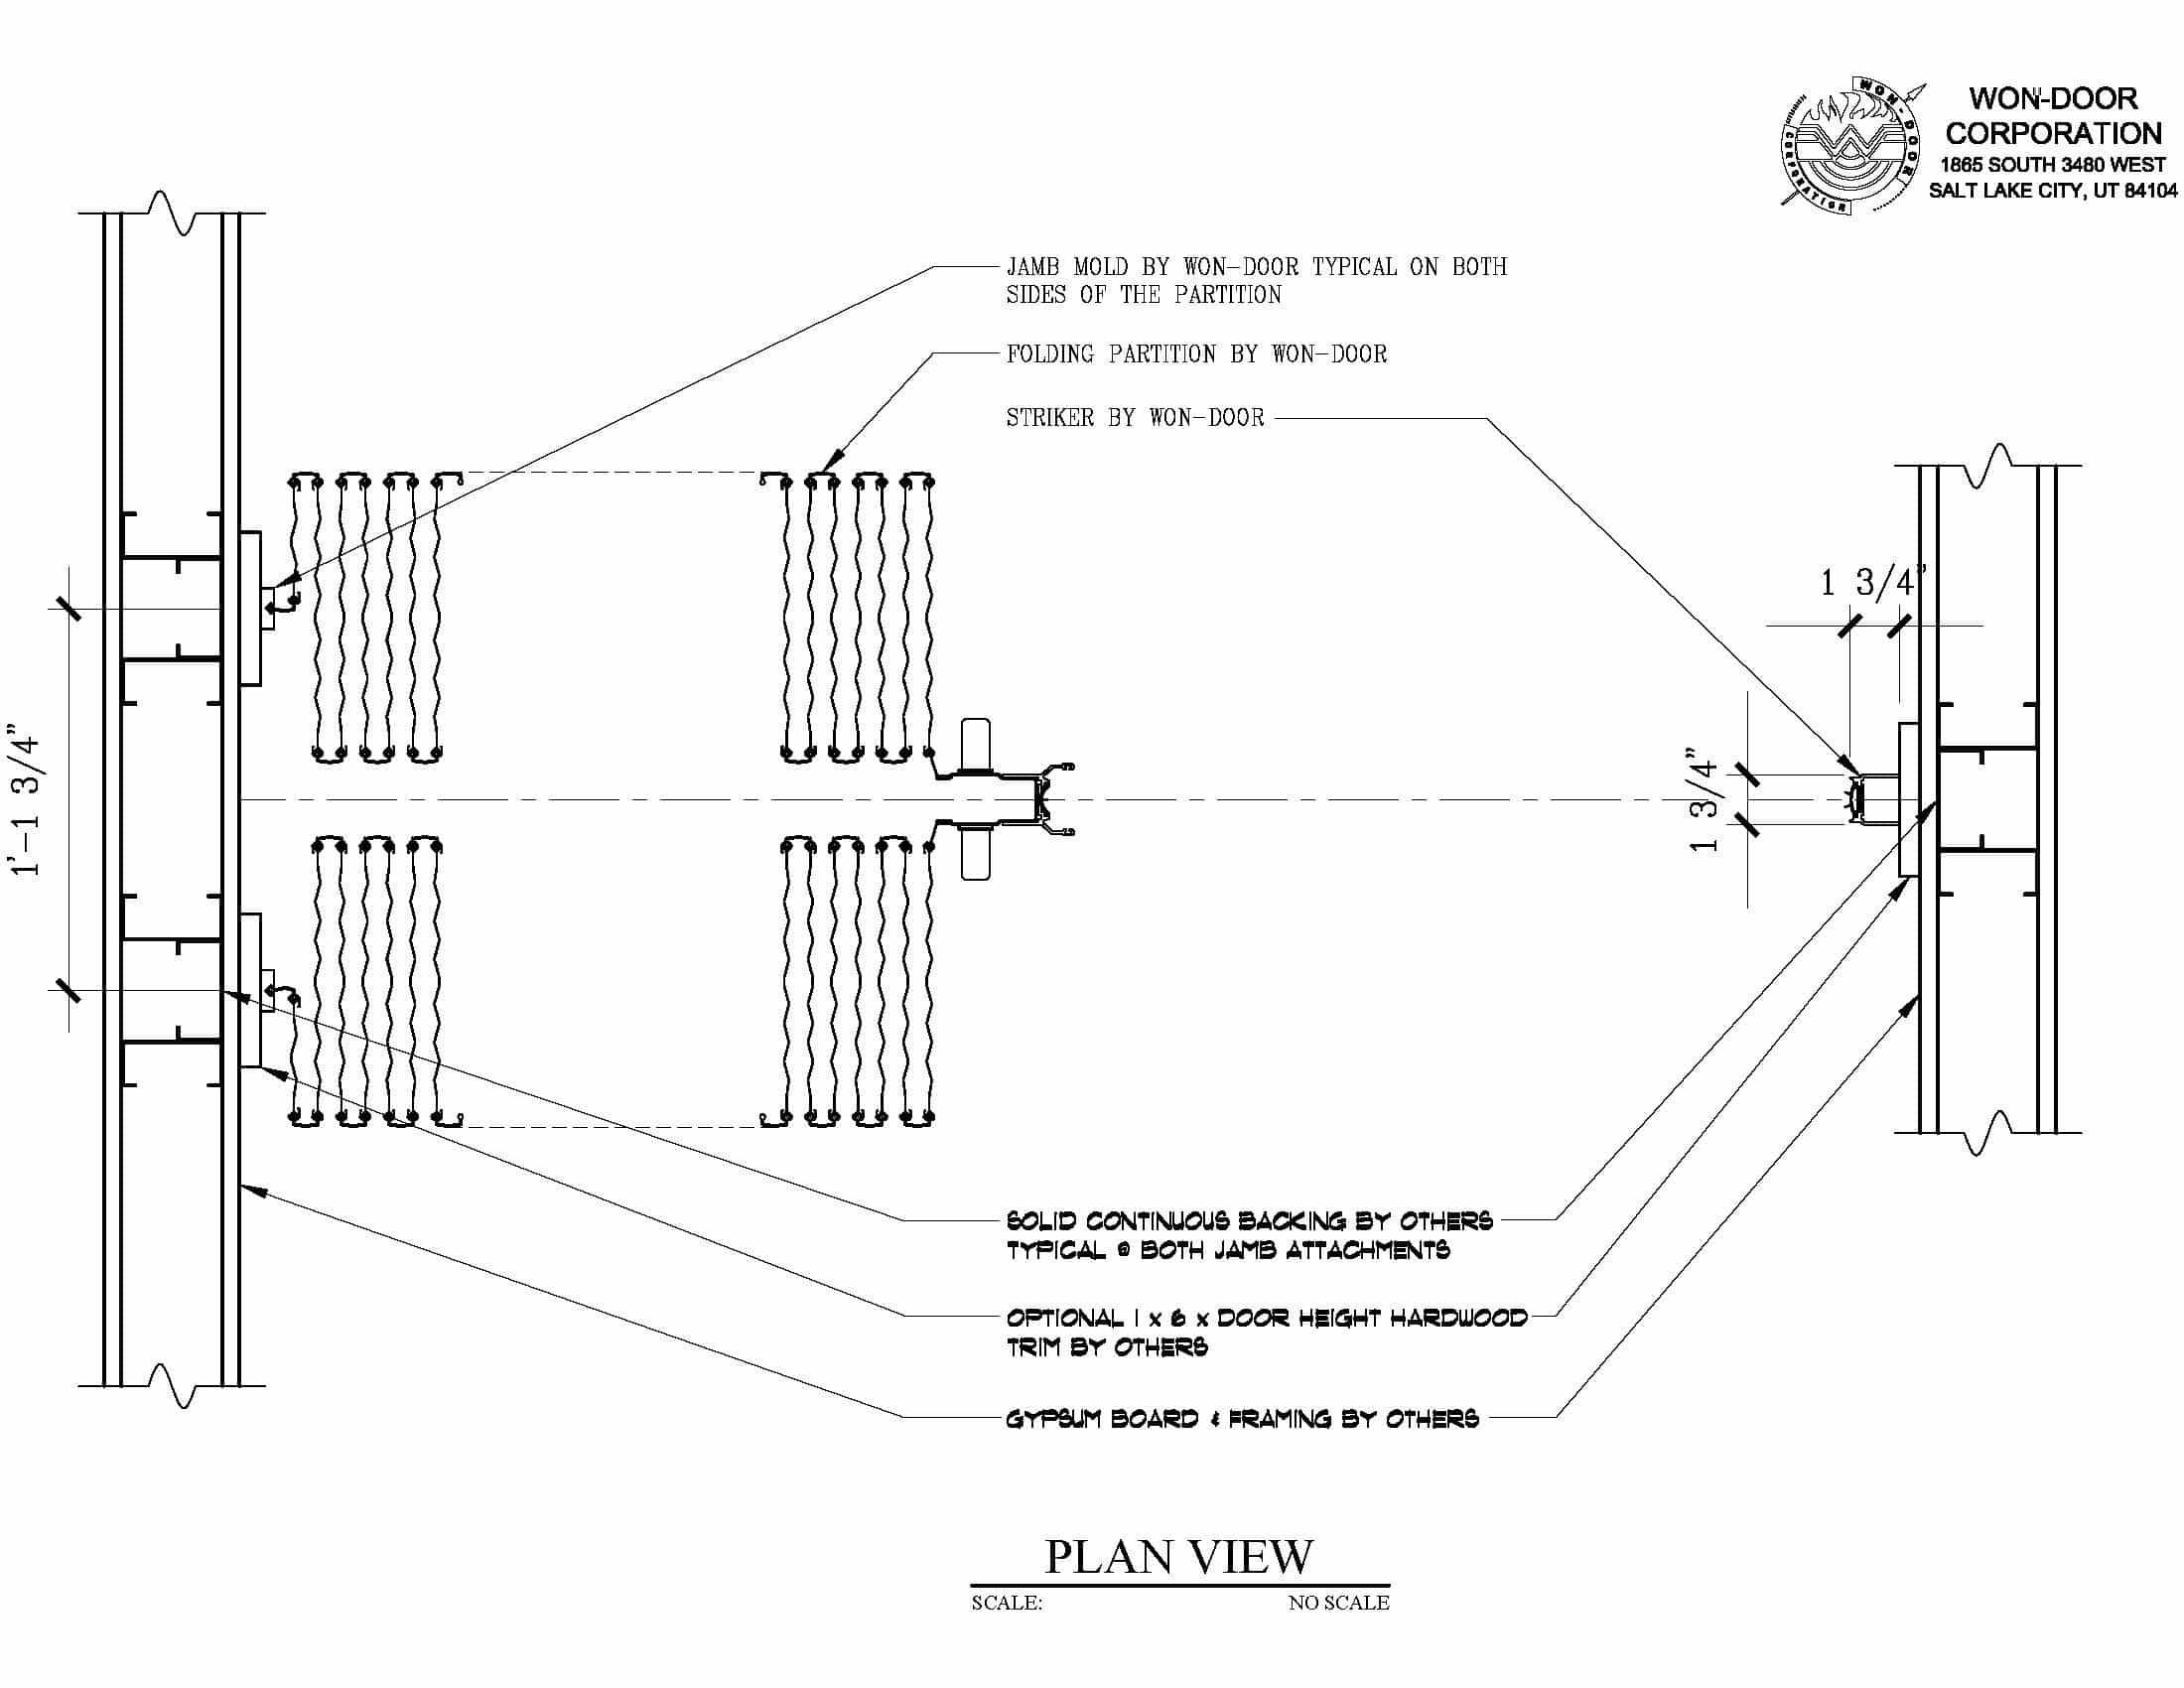 Door Plan View & Plan View Of The Vertico Garage Door